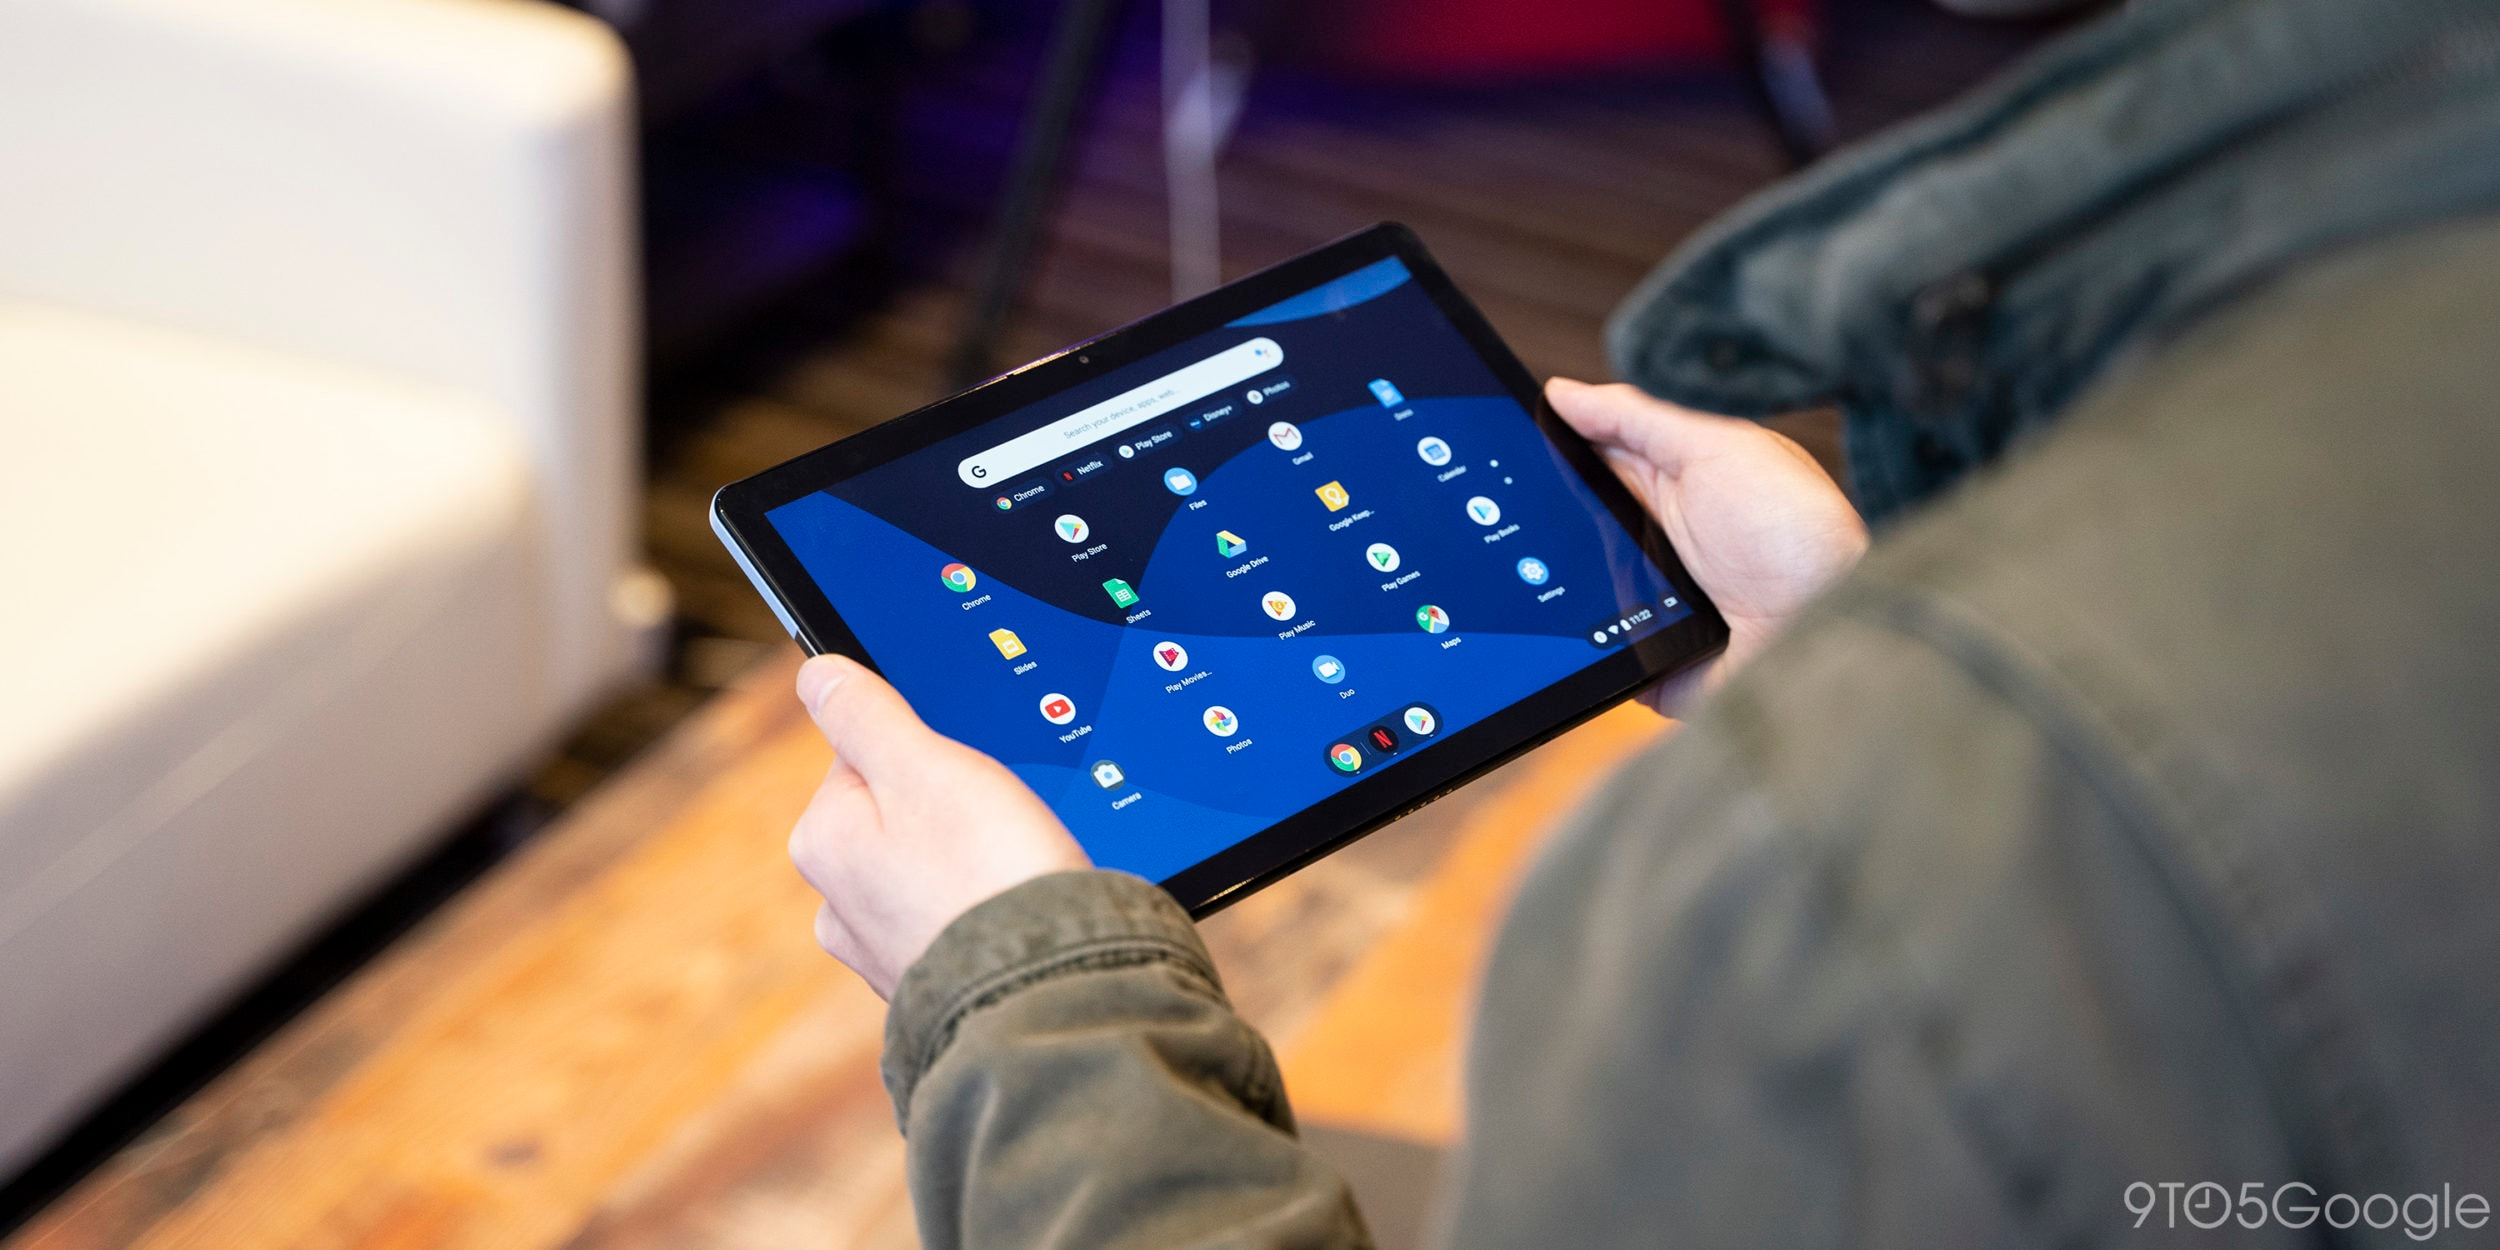 Ci sono speranze per Android 11 sui Chromebook, Google ha iniziato i test su Chrome OS